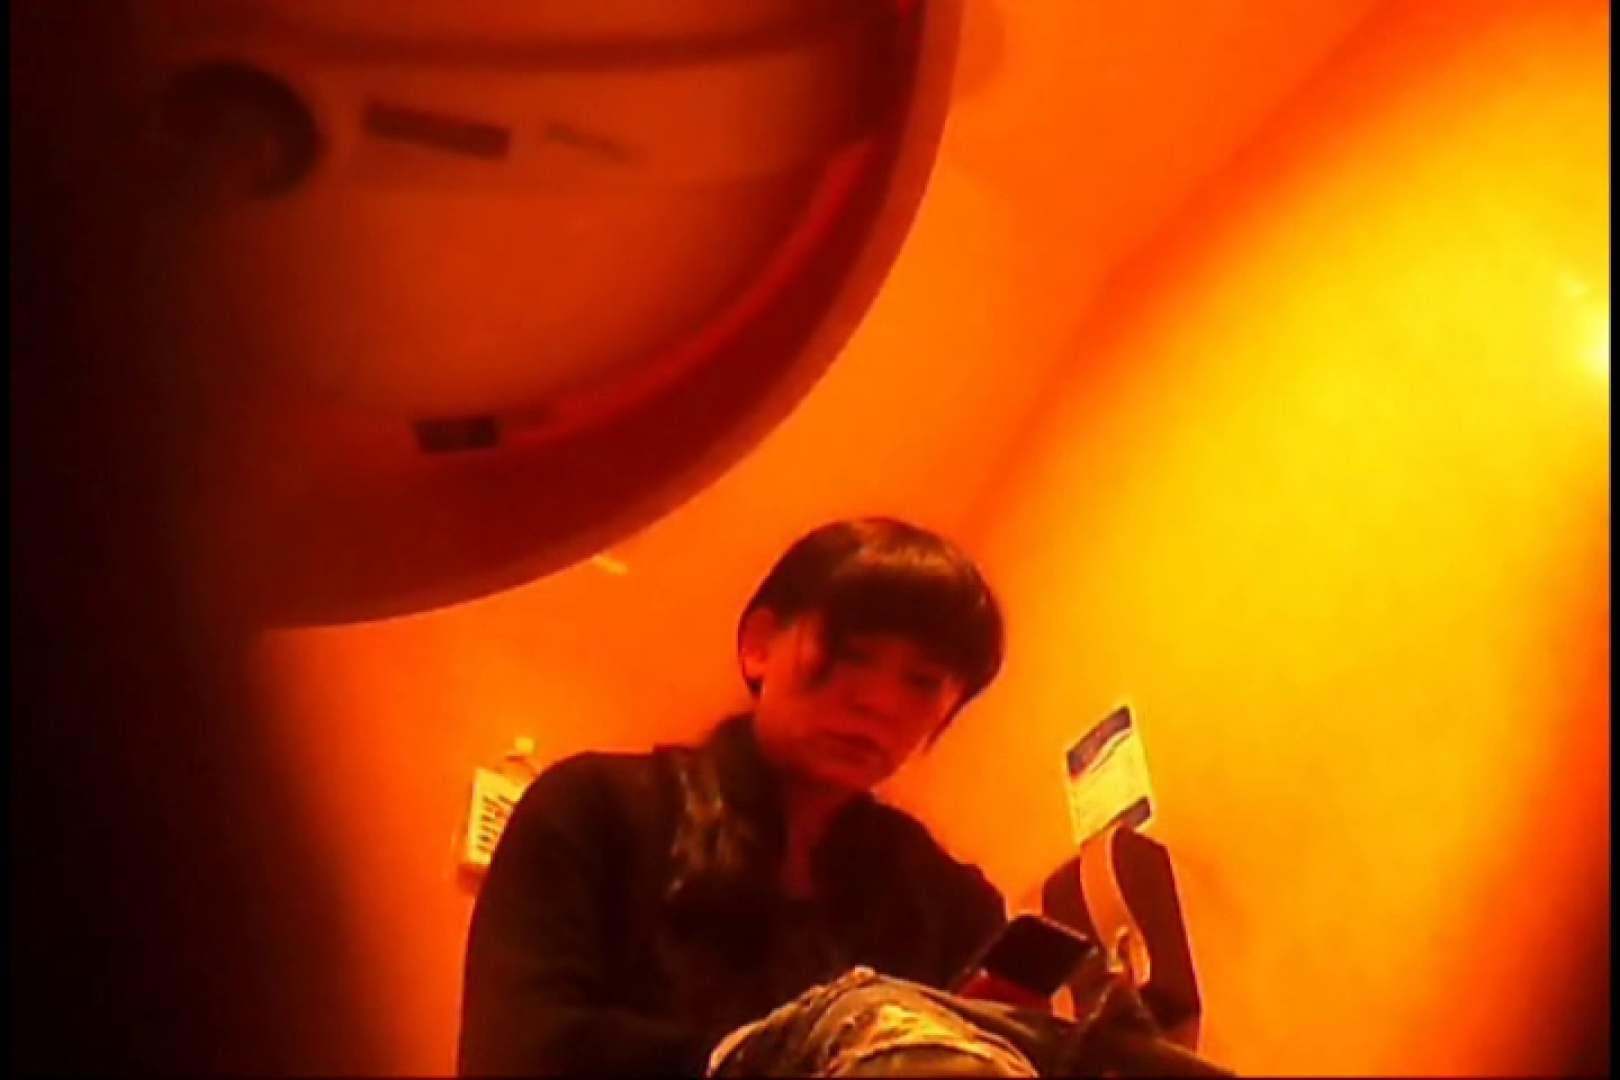 潜入!!女子化粧室盗撮~絶対見られたくない時間~vo,69 お色気熟女   超エロおばさん  65枚 37